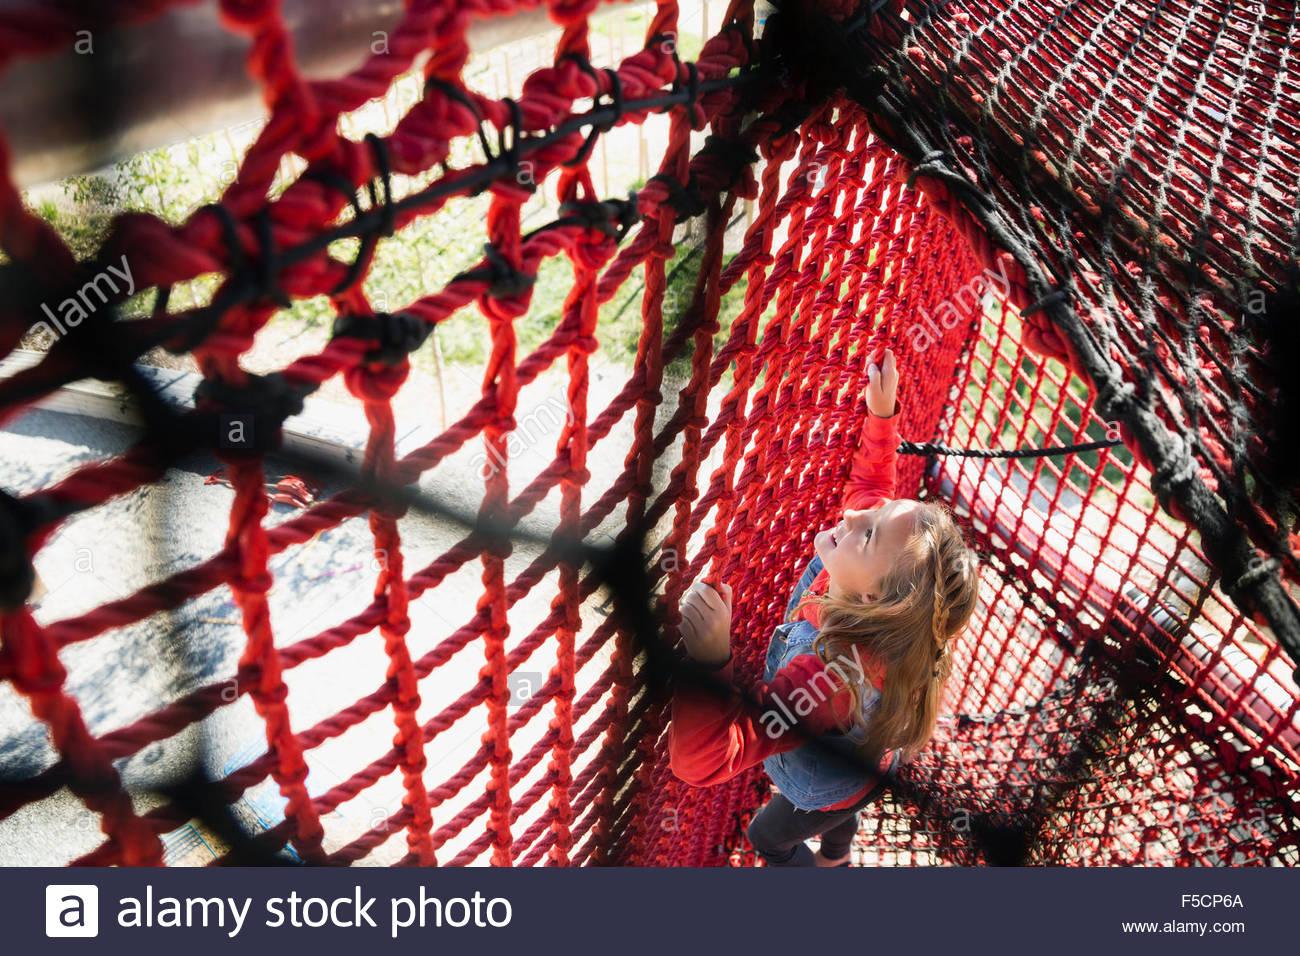 Girl climbing rope net at playground Stock Photo